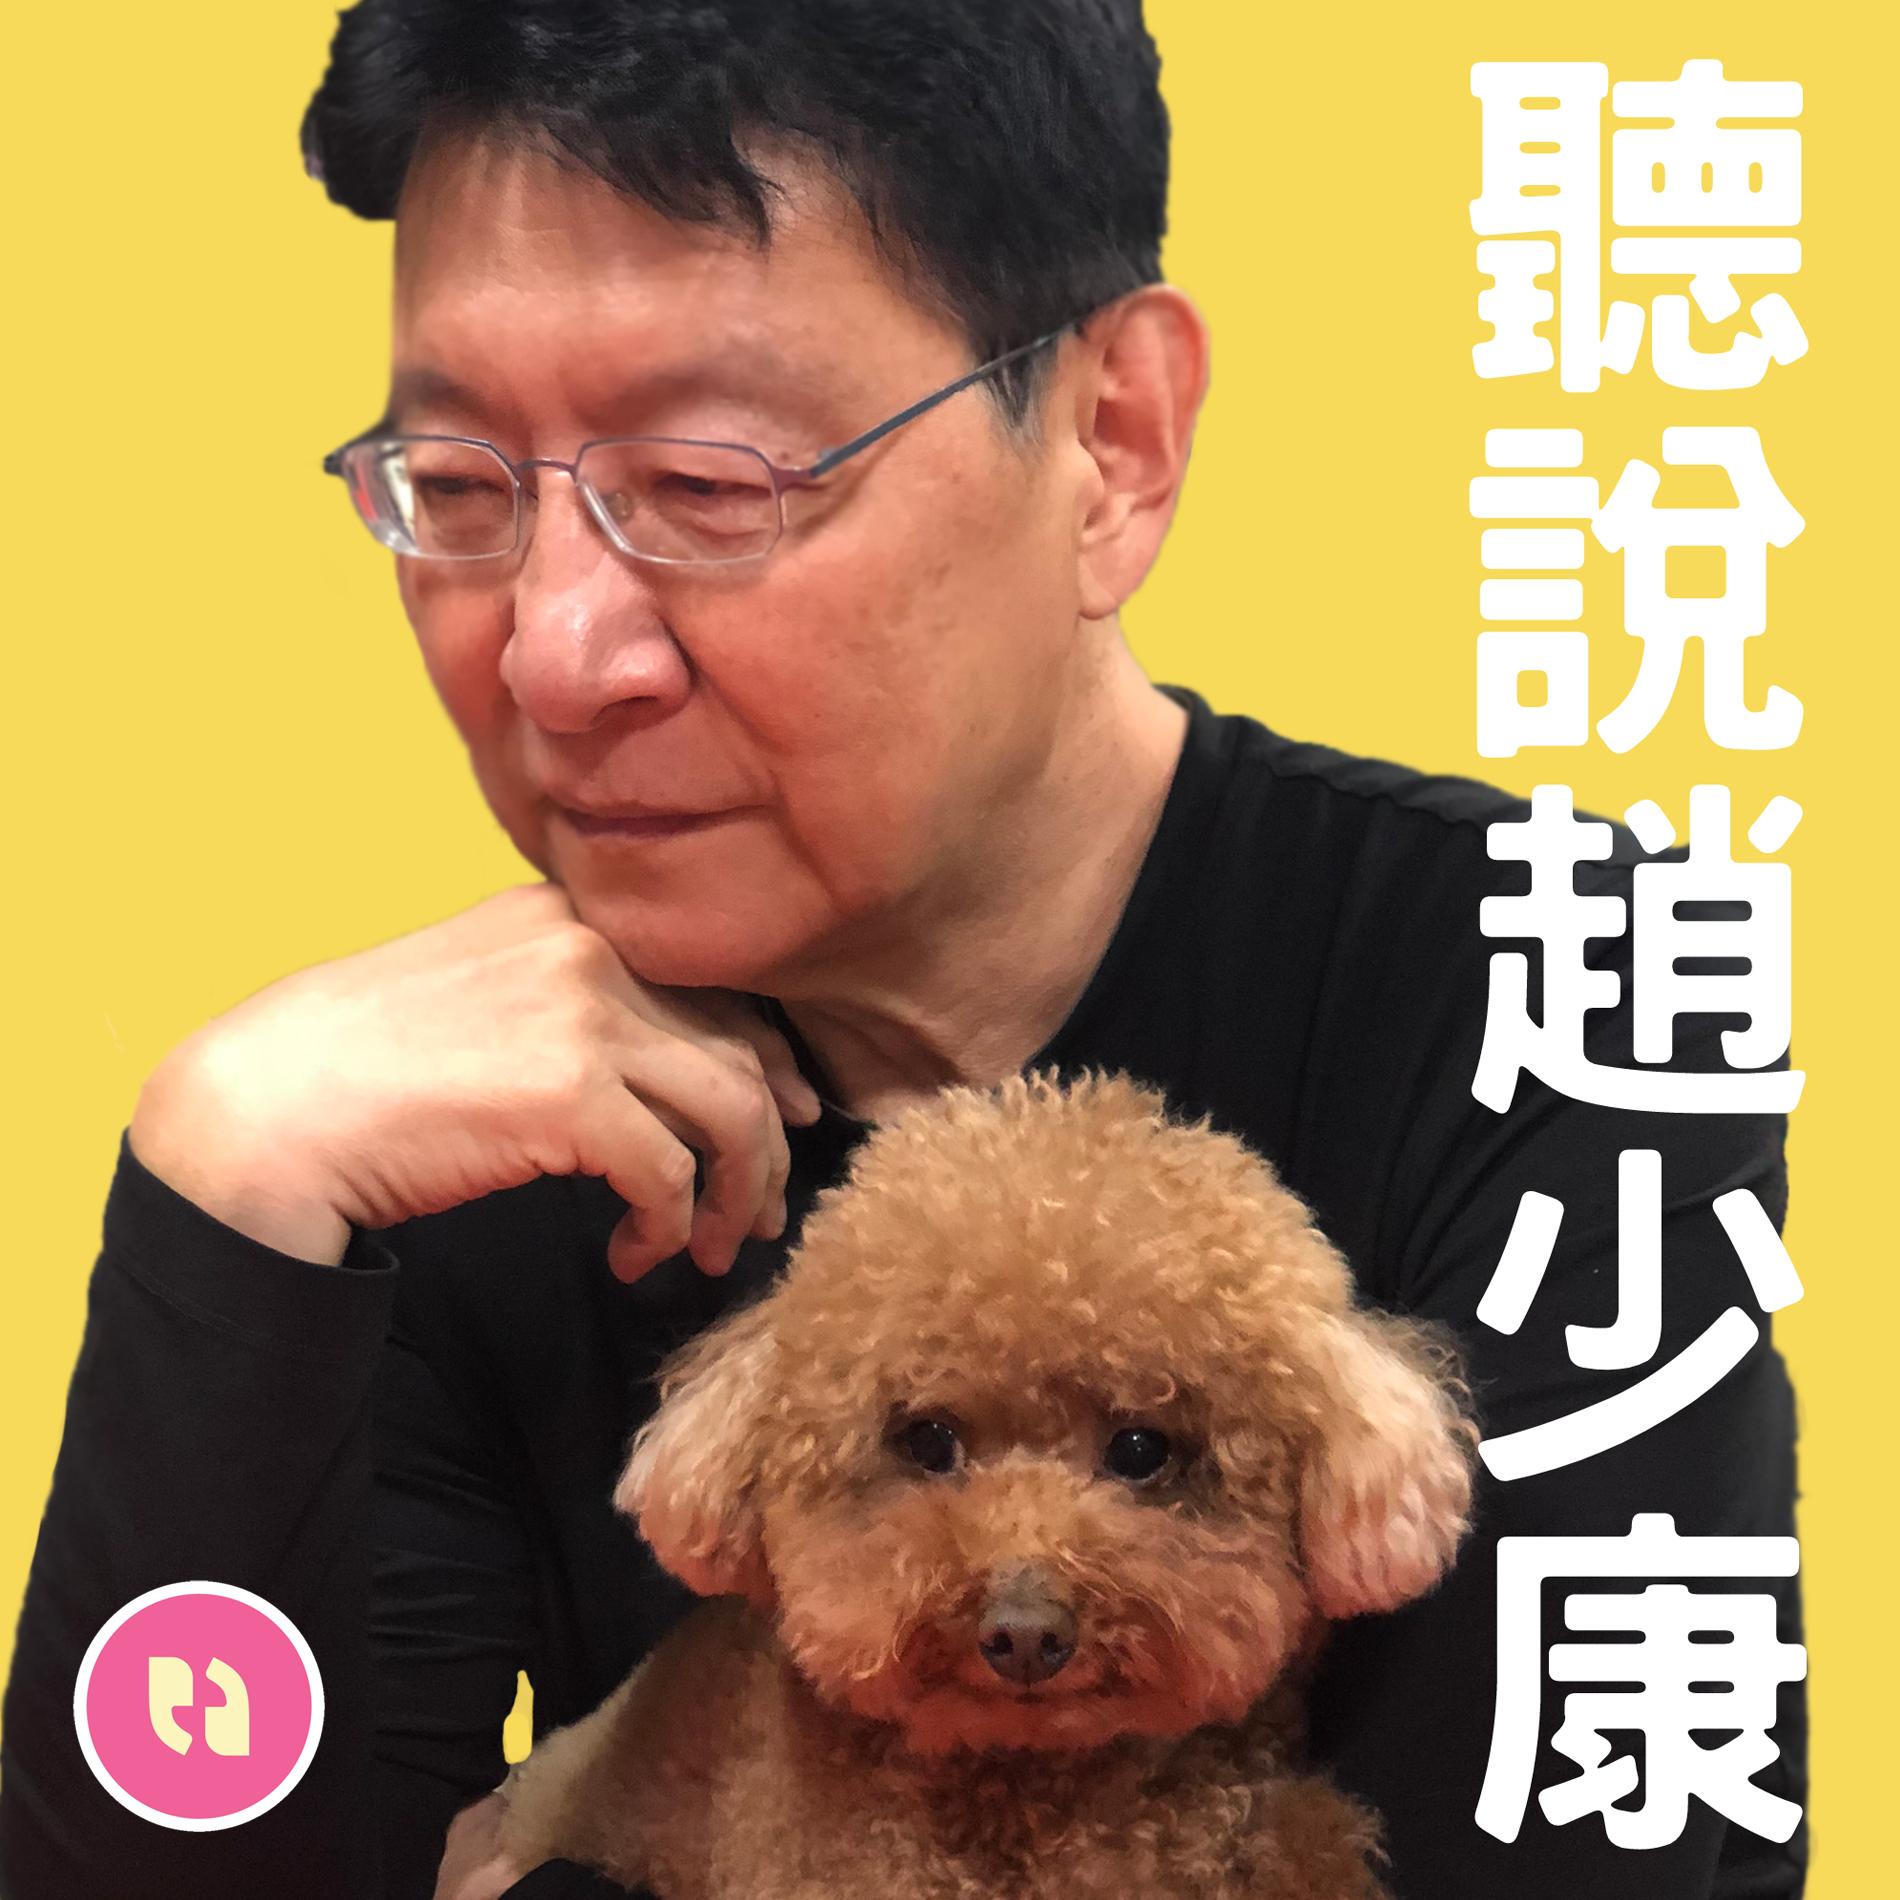 李勝峯談《台灣謀略》:認識中國大陸,探索台灣未來路